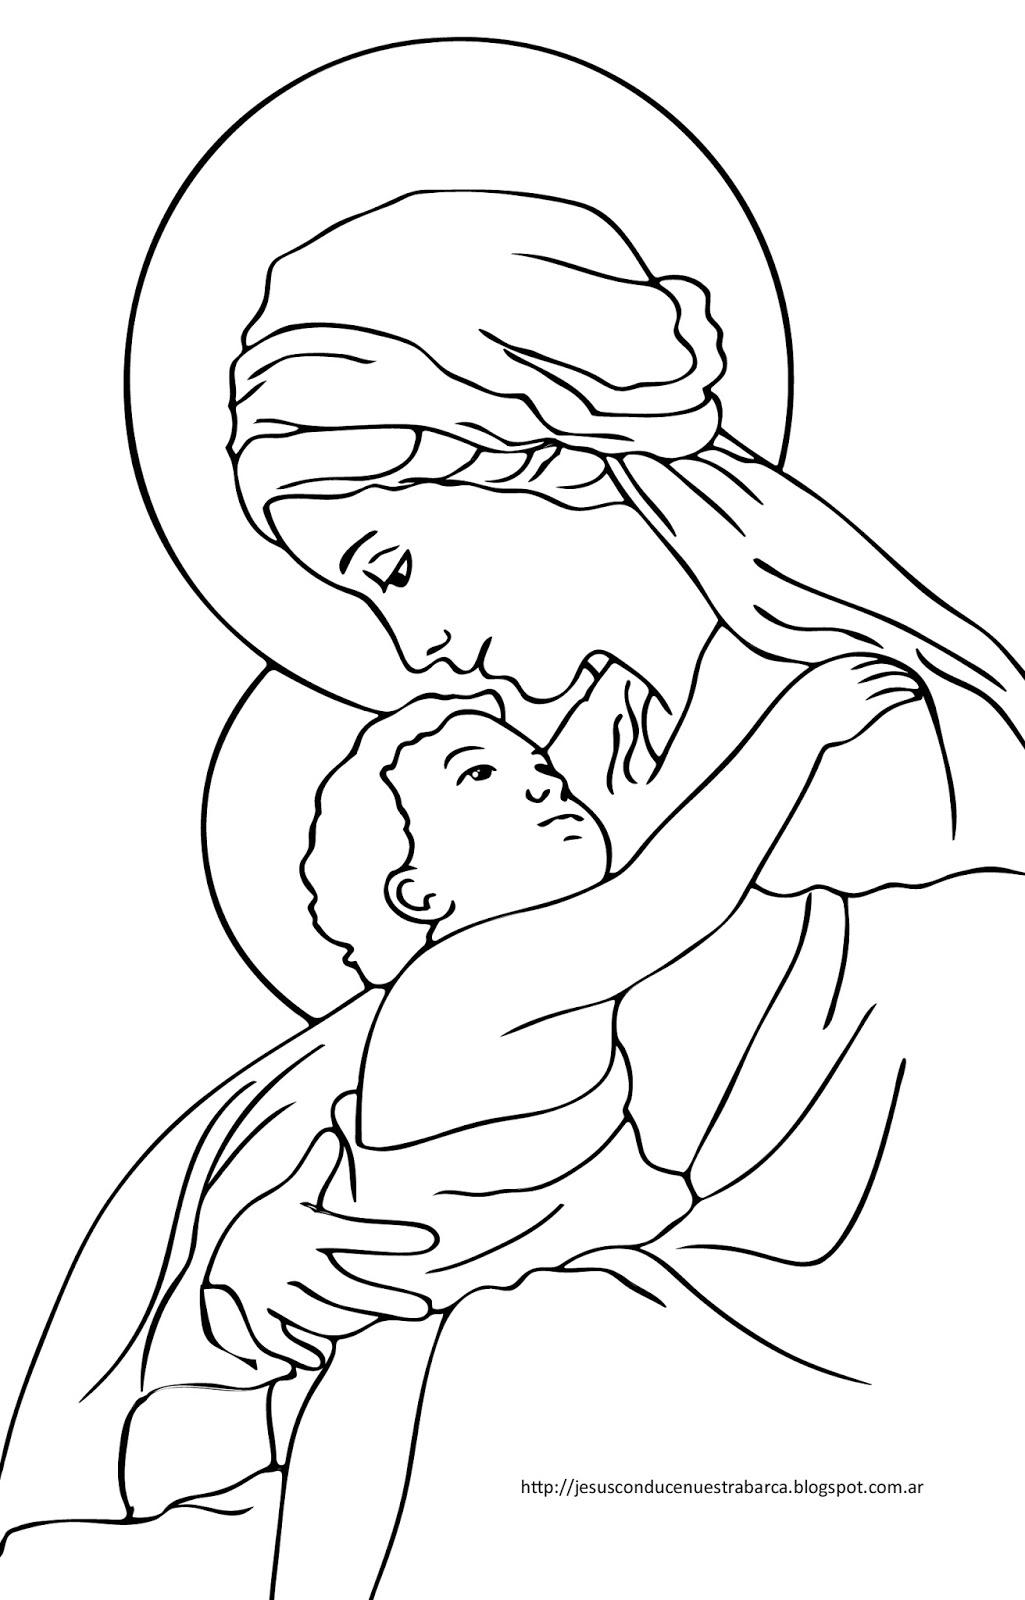 Jesús conduce nuestra barca: Dibujos Virgen María